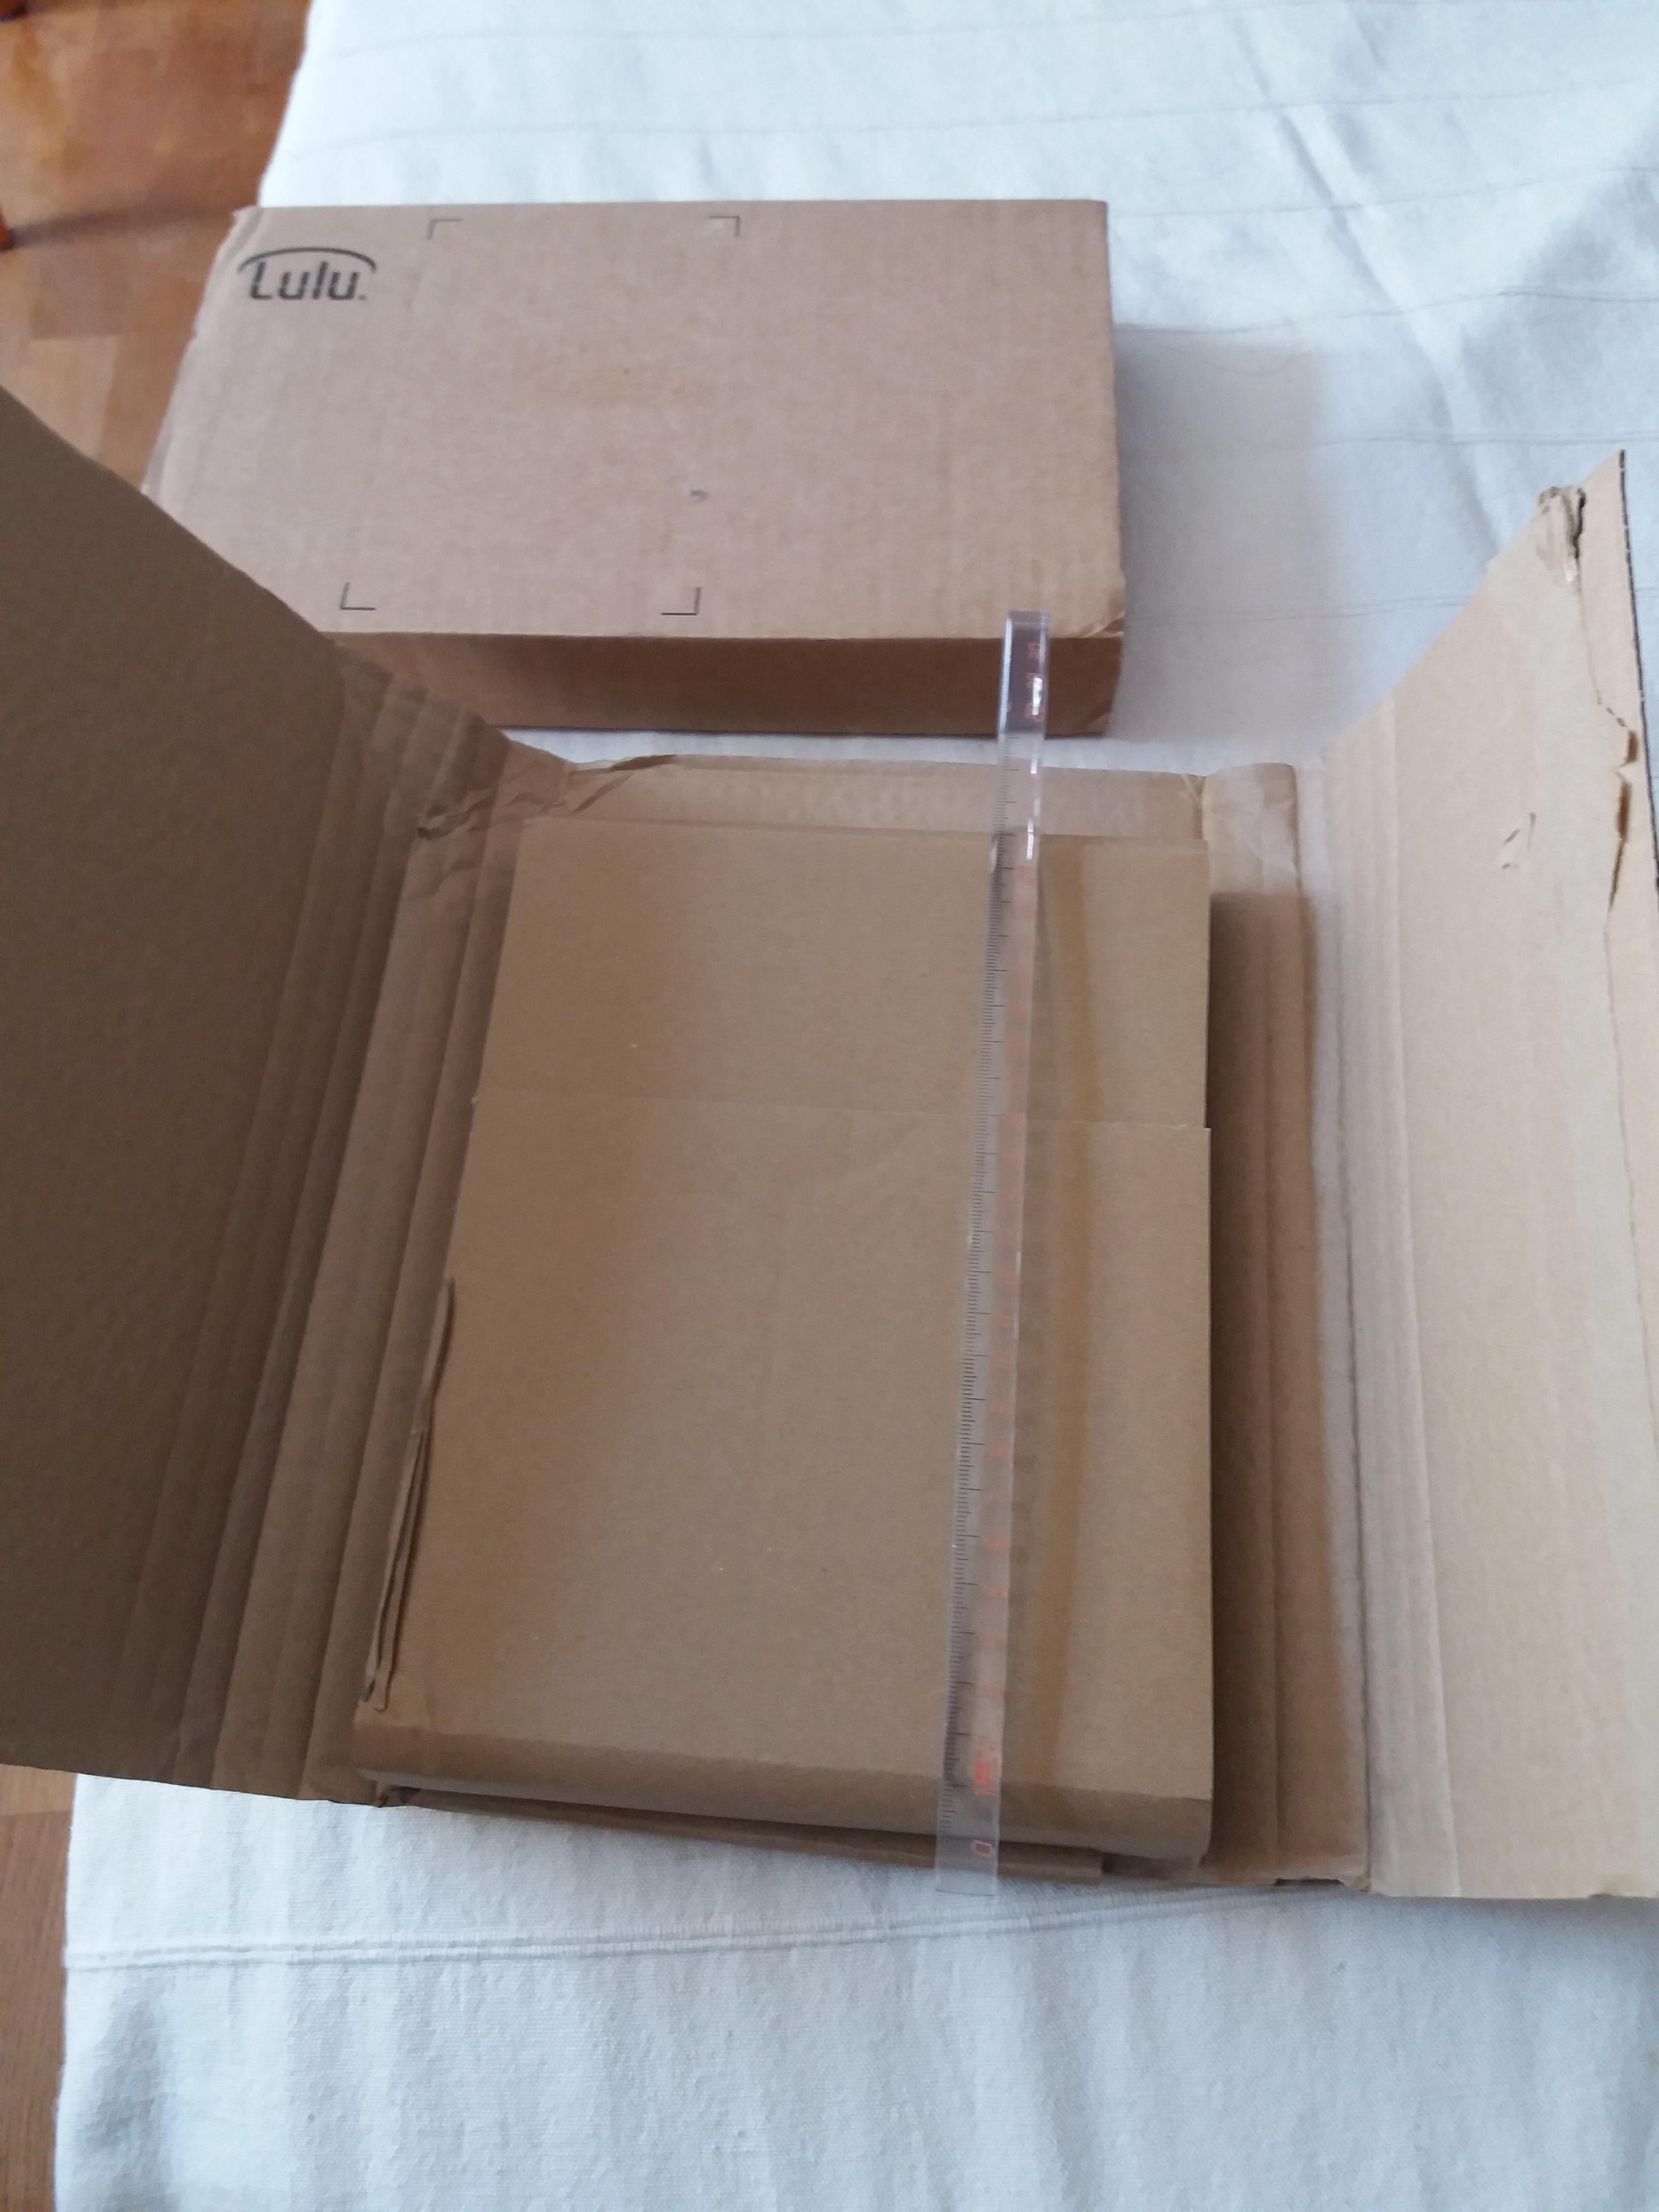 troc de troc boîte pour envoi de livres image 0